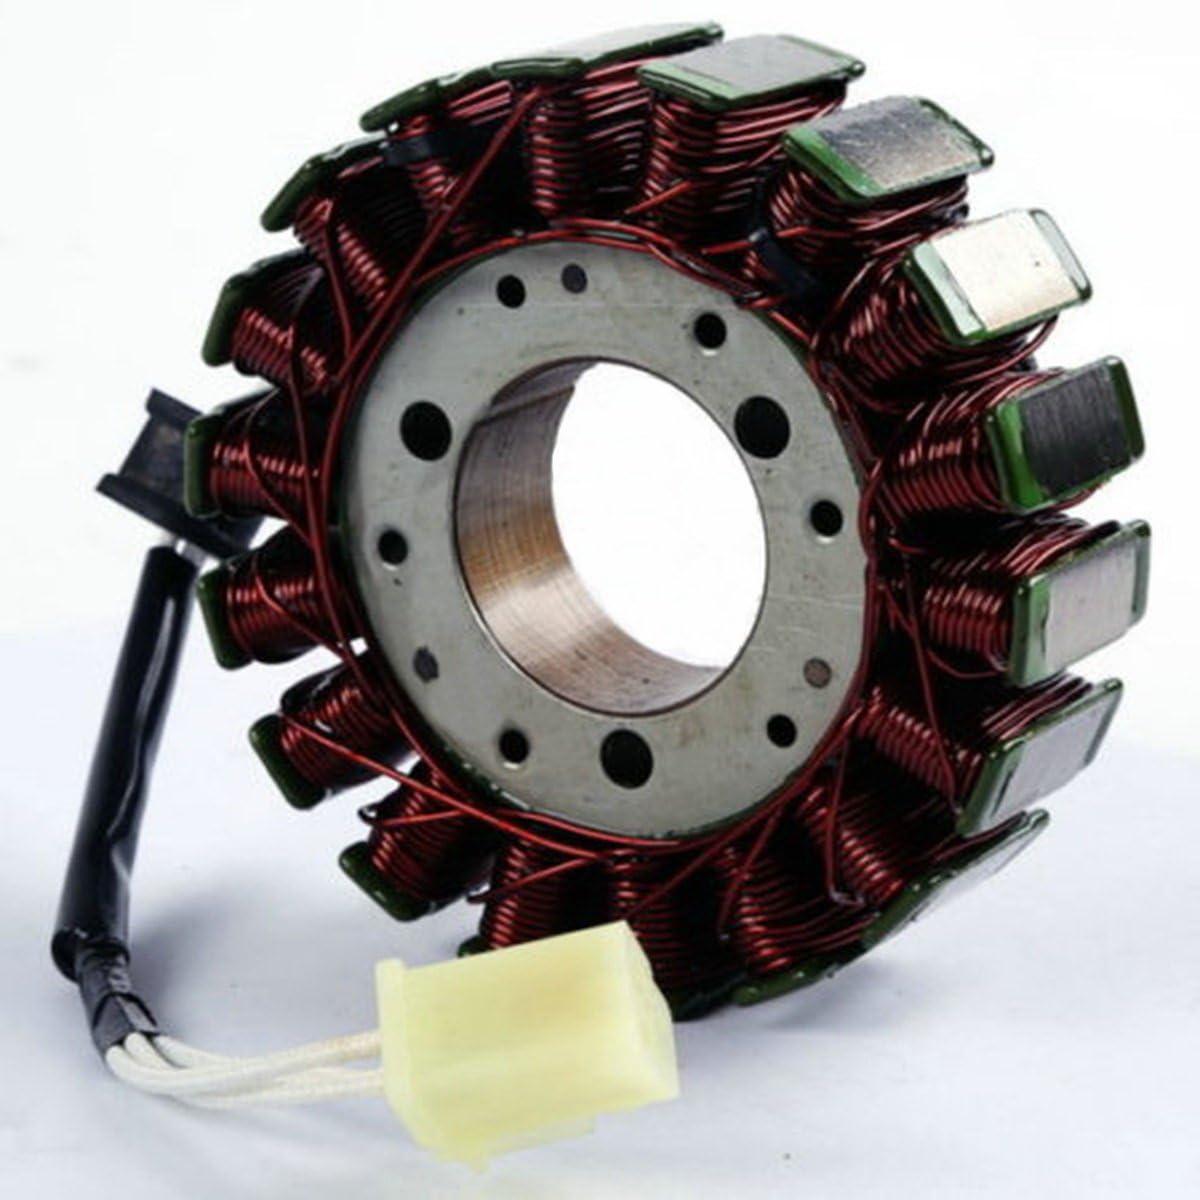 For Suzuki GSX-R 750 K1 2001 Stator Coil Alternator 2 YEAR WARRANTY